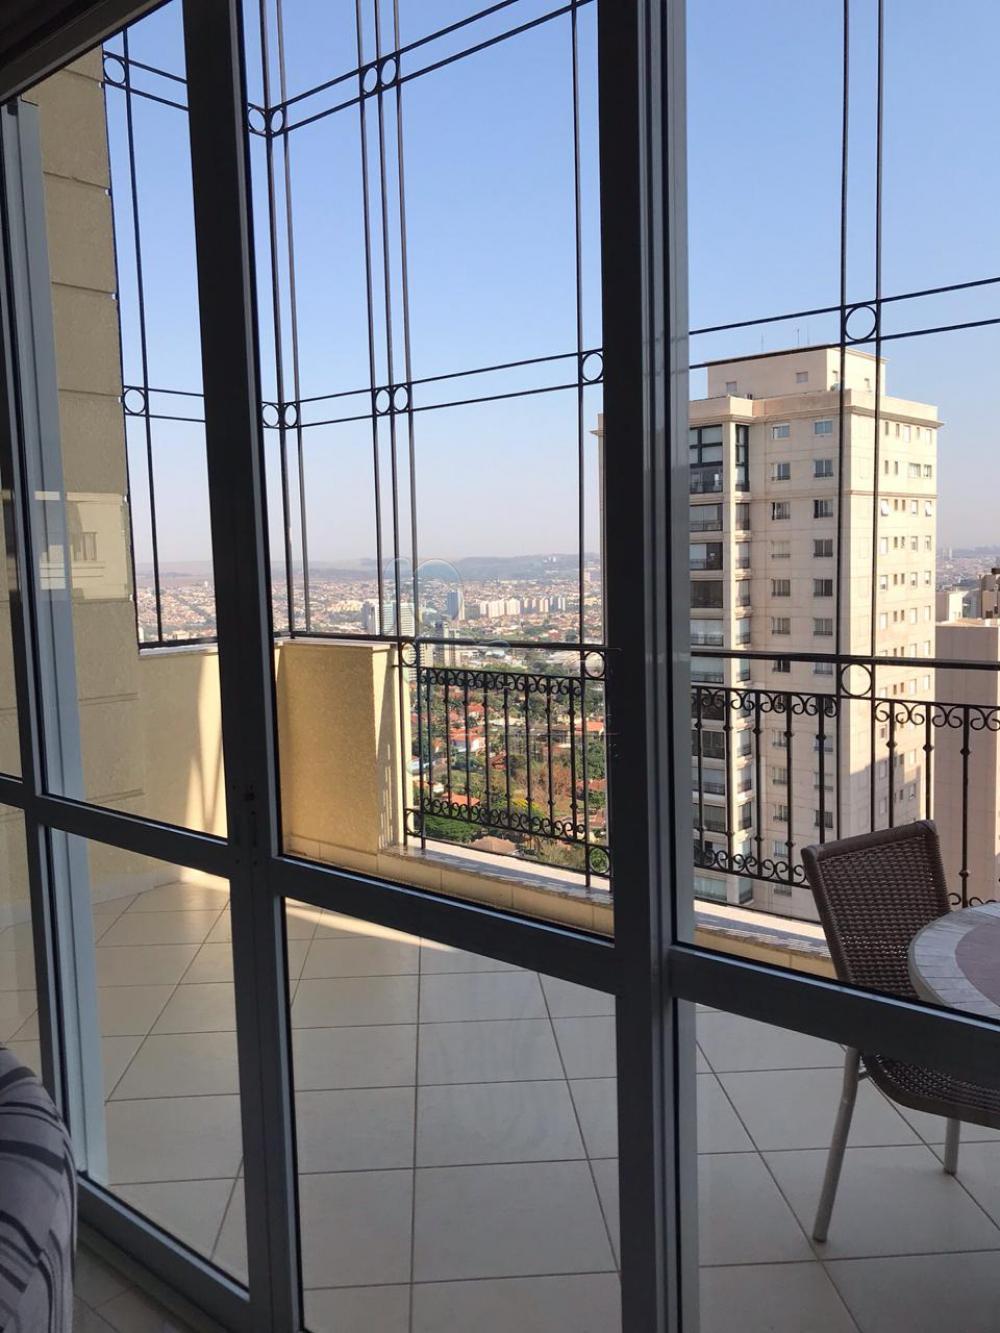 Comprar Apartamento / Cobertura em Ribeirão Preto apenas R$ 2.200.000,00 - Foto 20